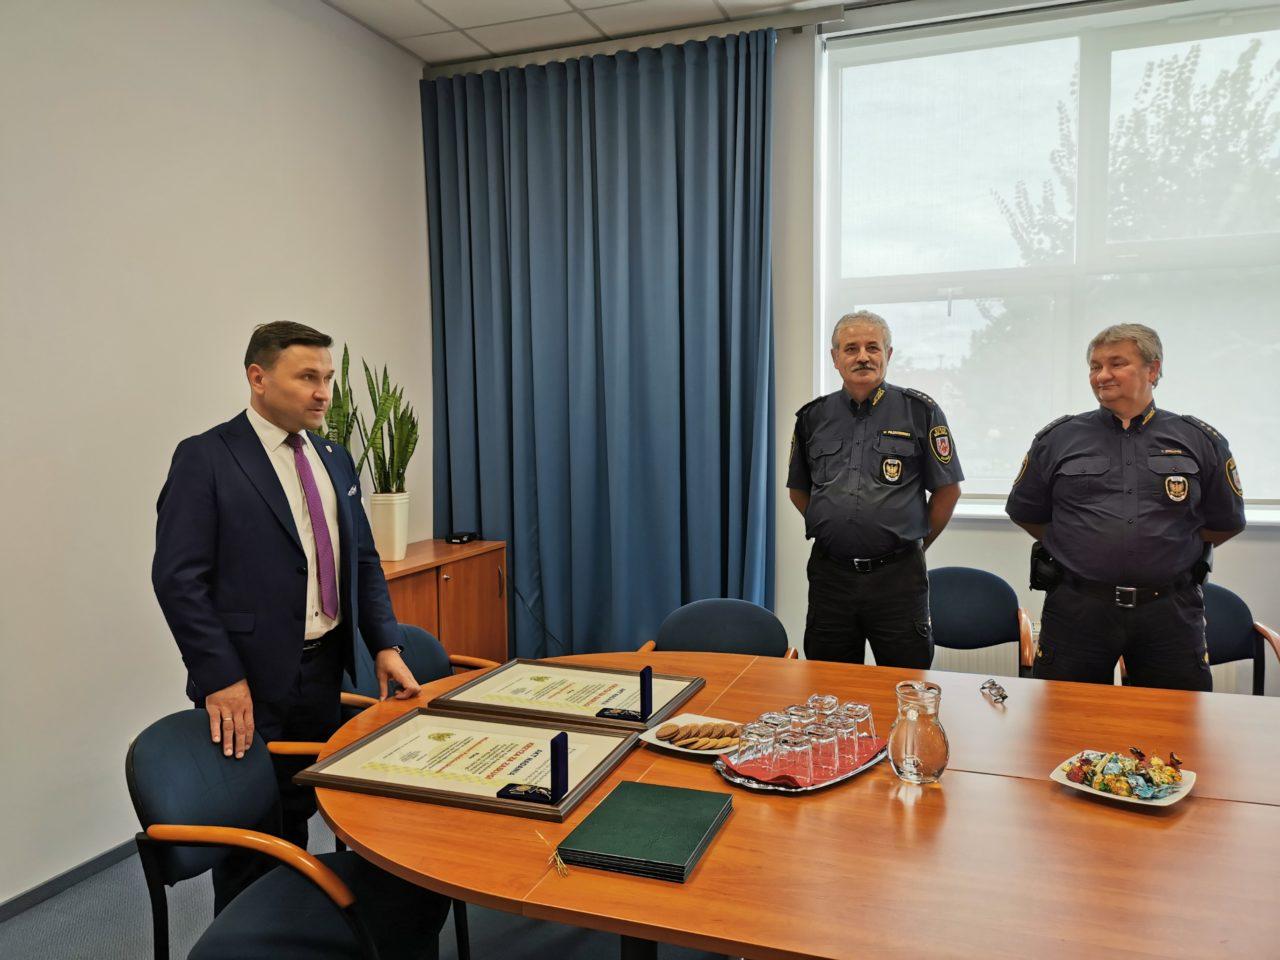 Krzyże Zasługi dla Strażników Miejskich w Słubicach